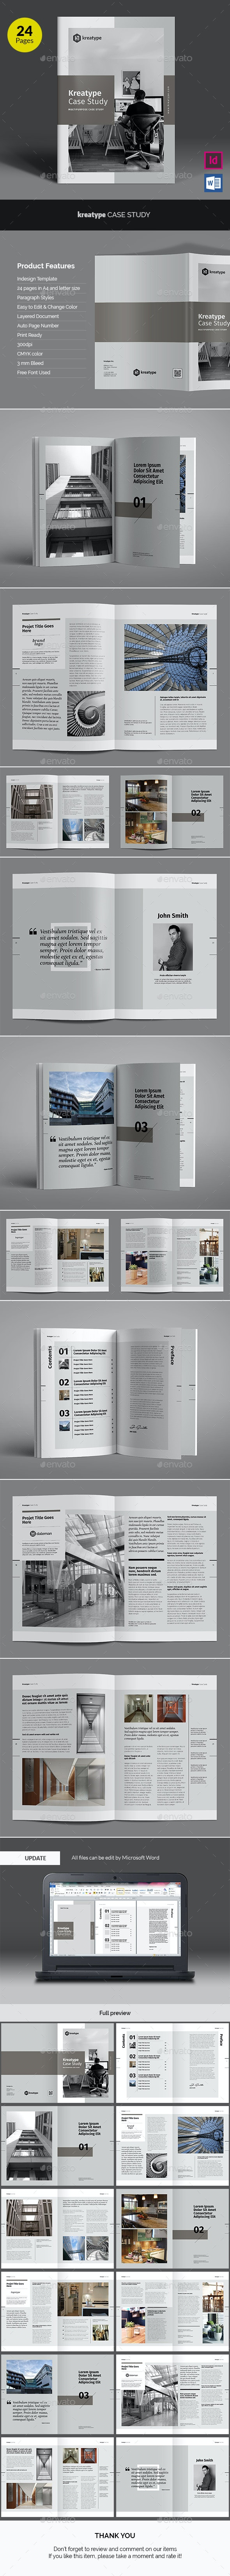 Kreatype Case Study - Informational Brochures